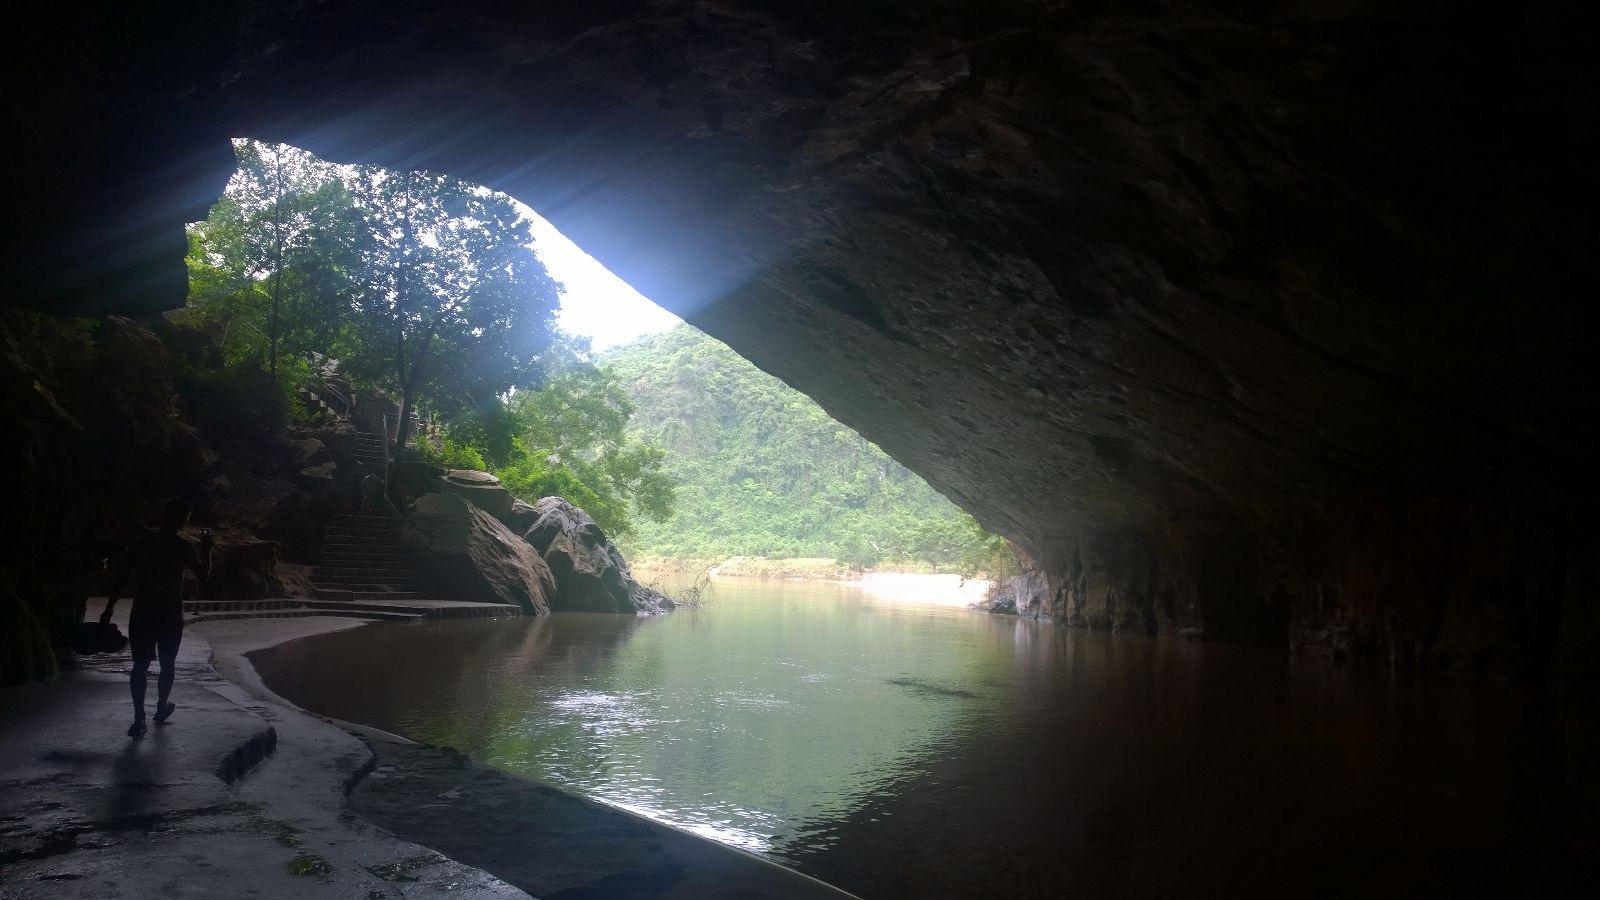 Höhle im Phong Nha Ke Bang